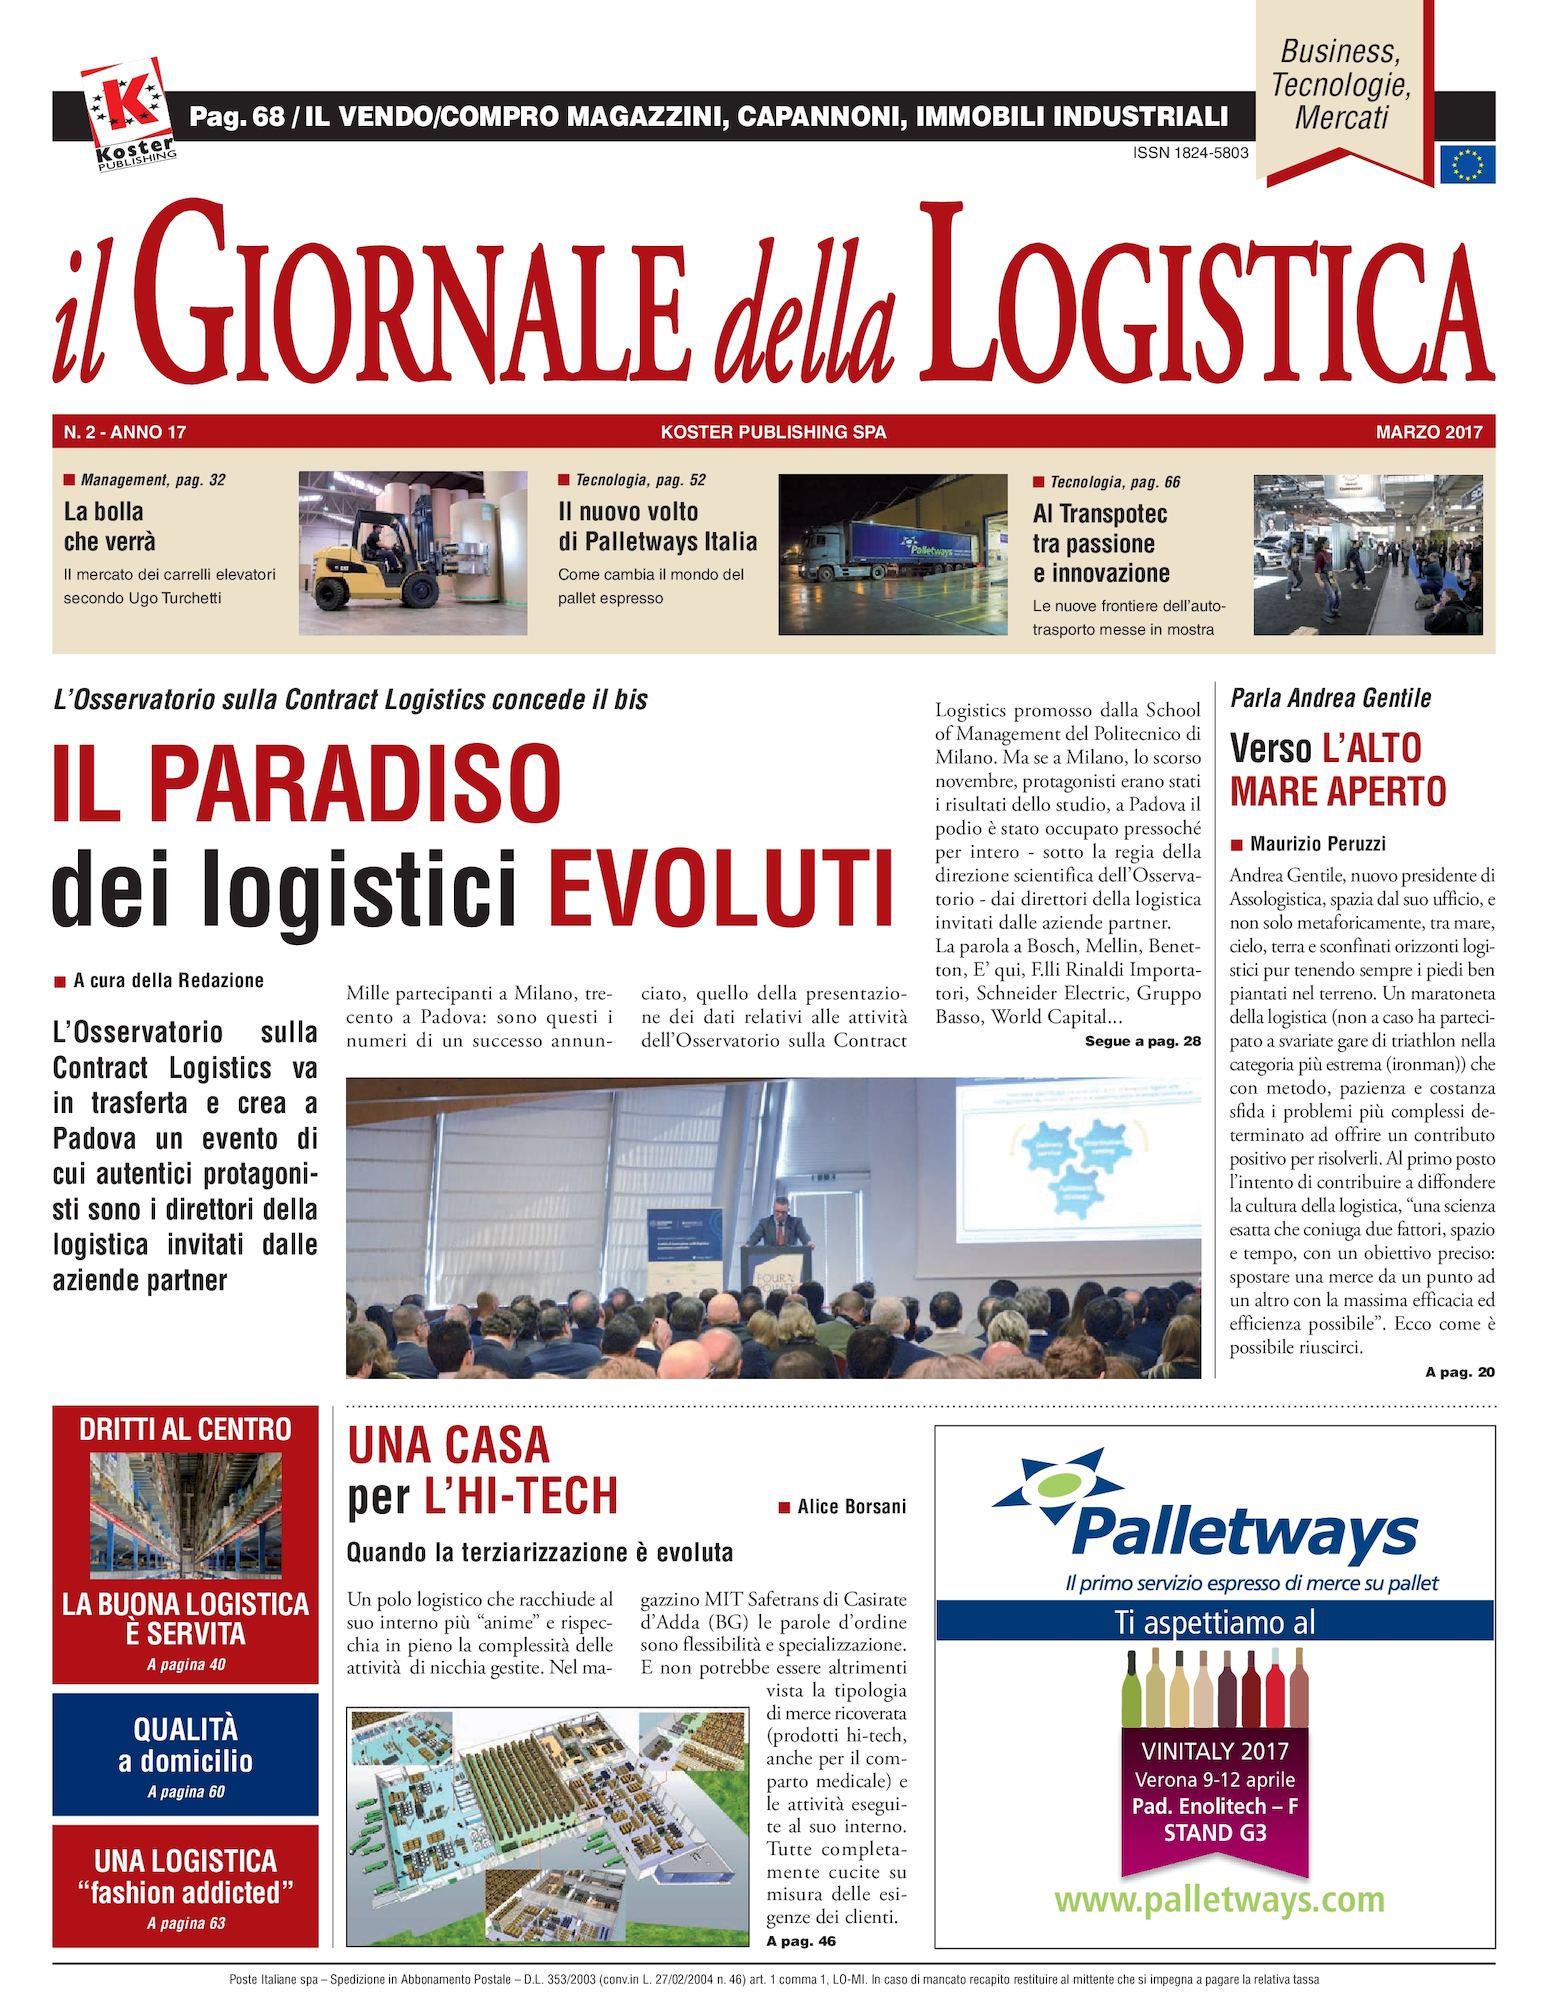 Calaméo - Il Giornale della Logistica - Marzo 2017 9d1c8fca59d